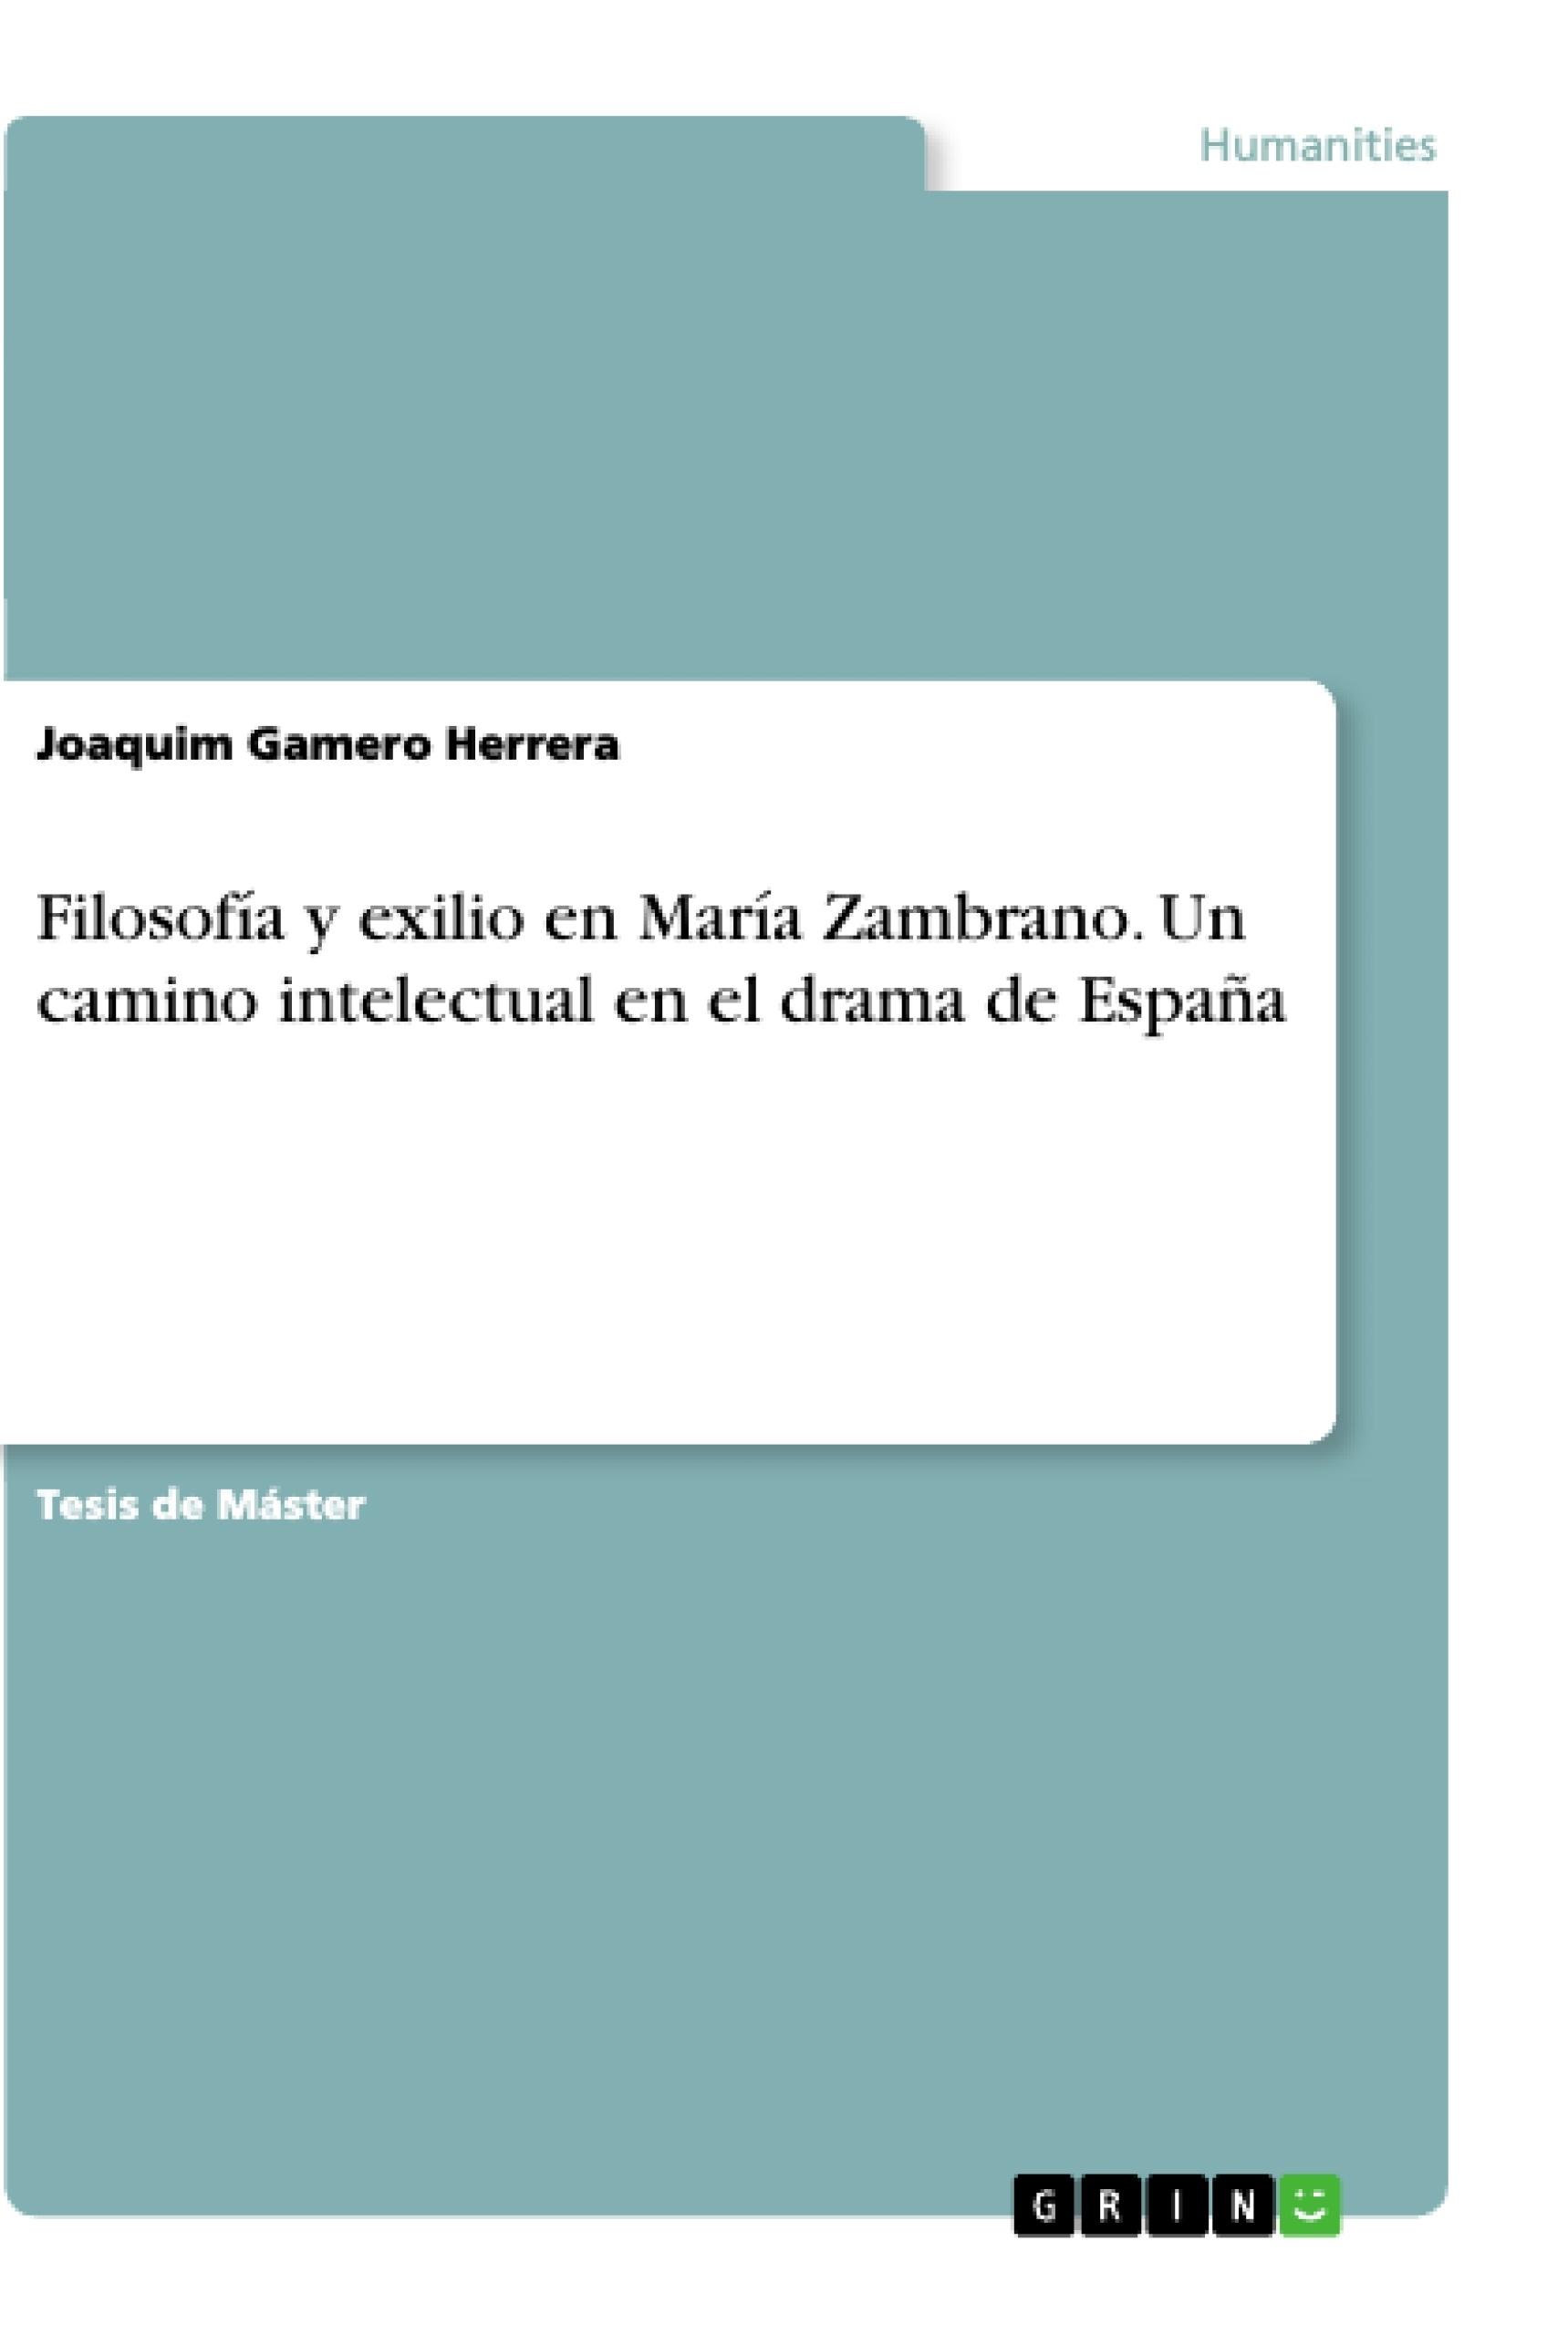 Título: Filosofía y exilio en María Zambrano. Un camino intelectual en el drama de España